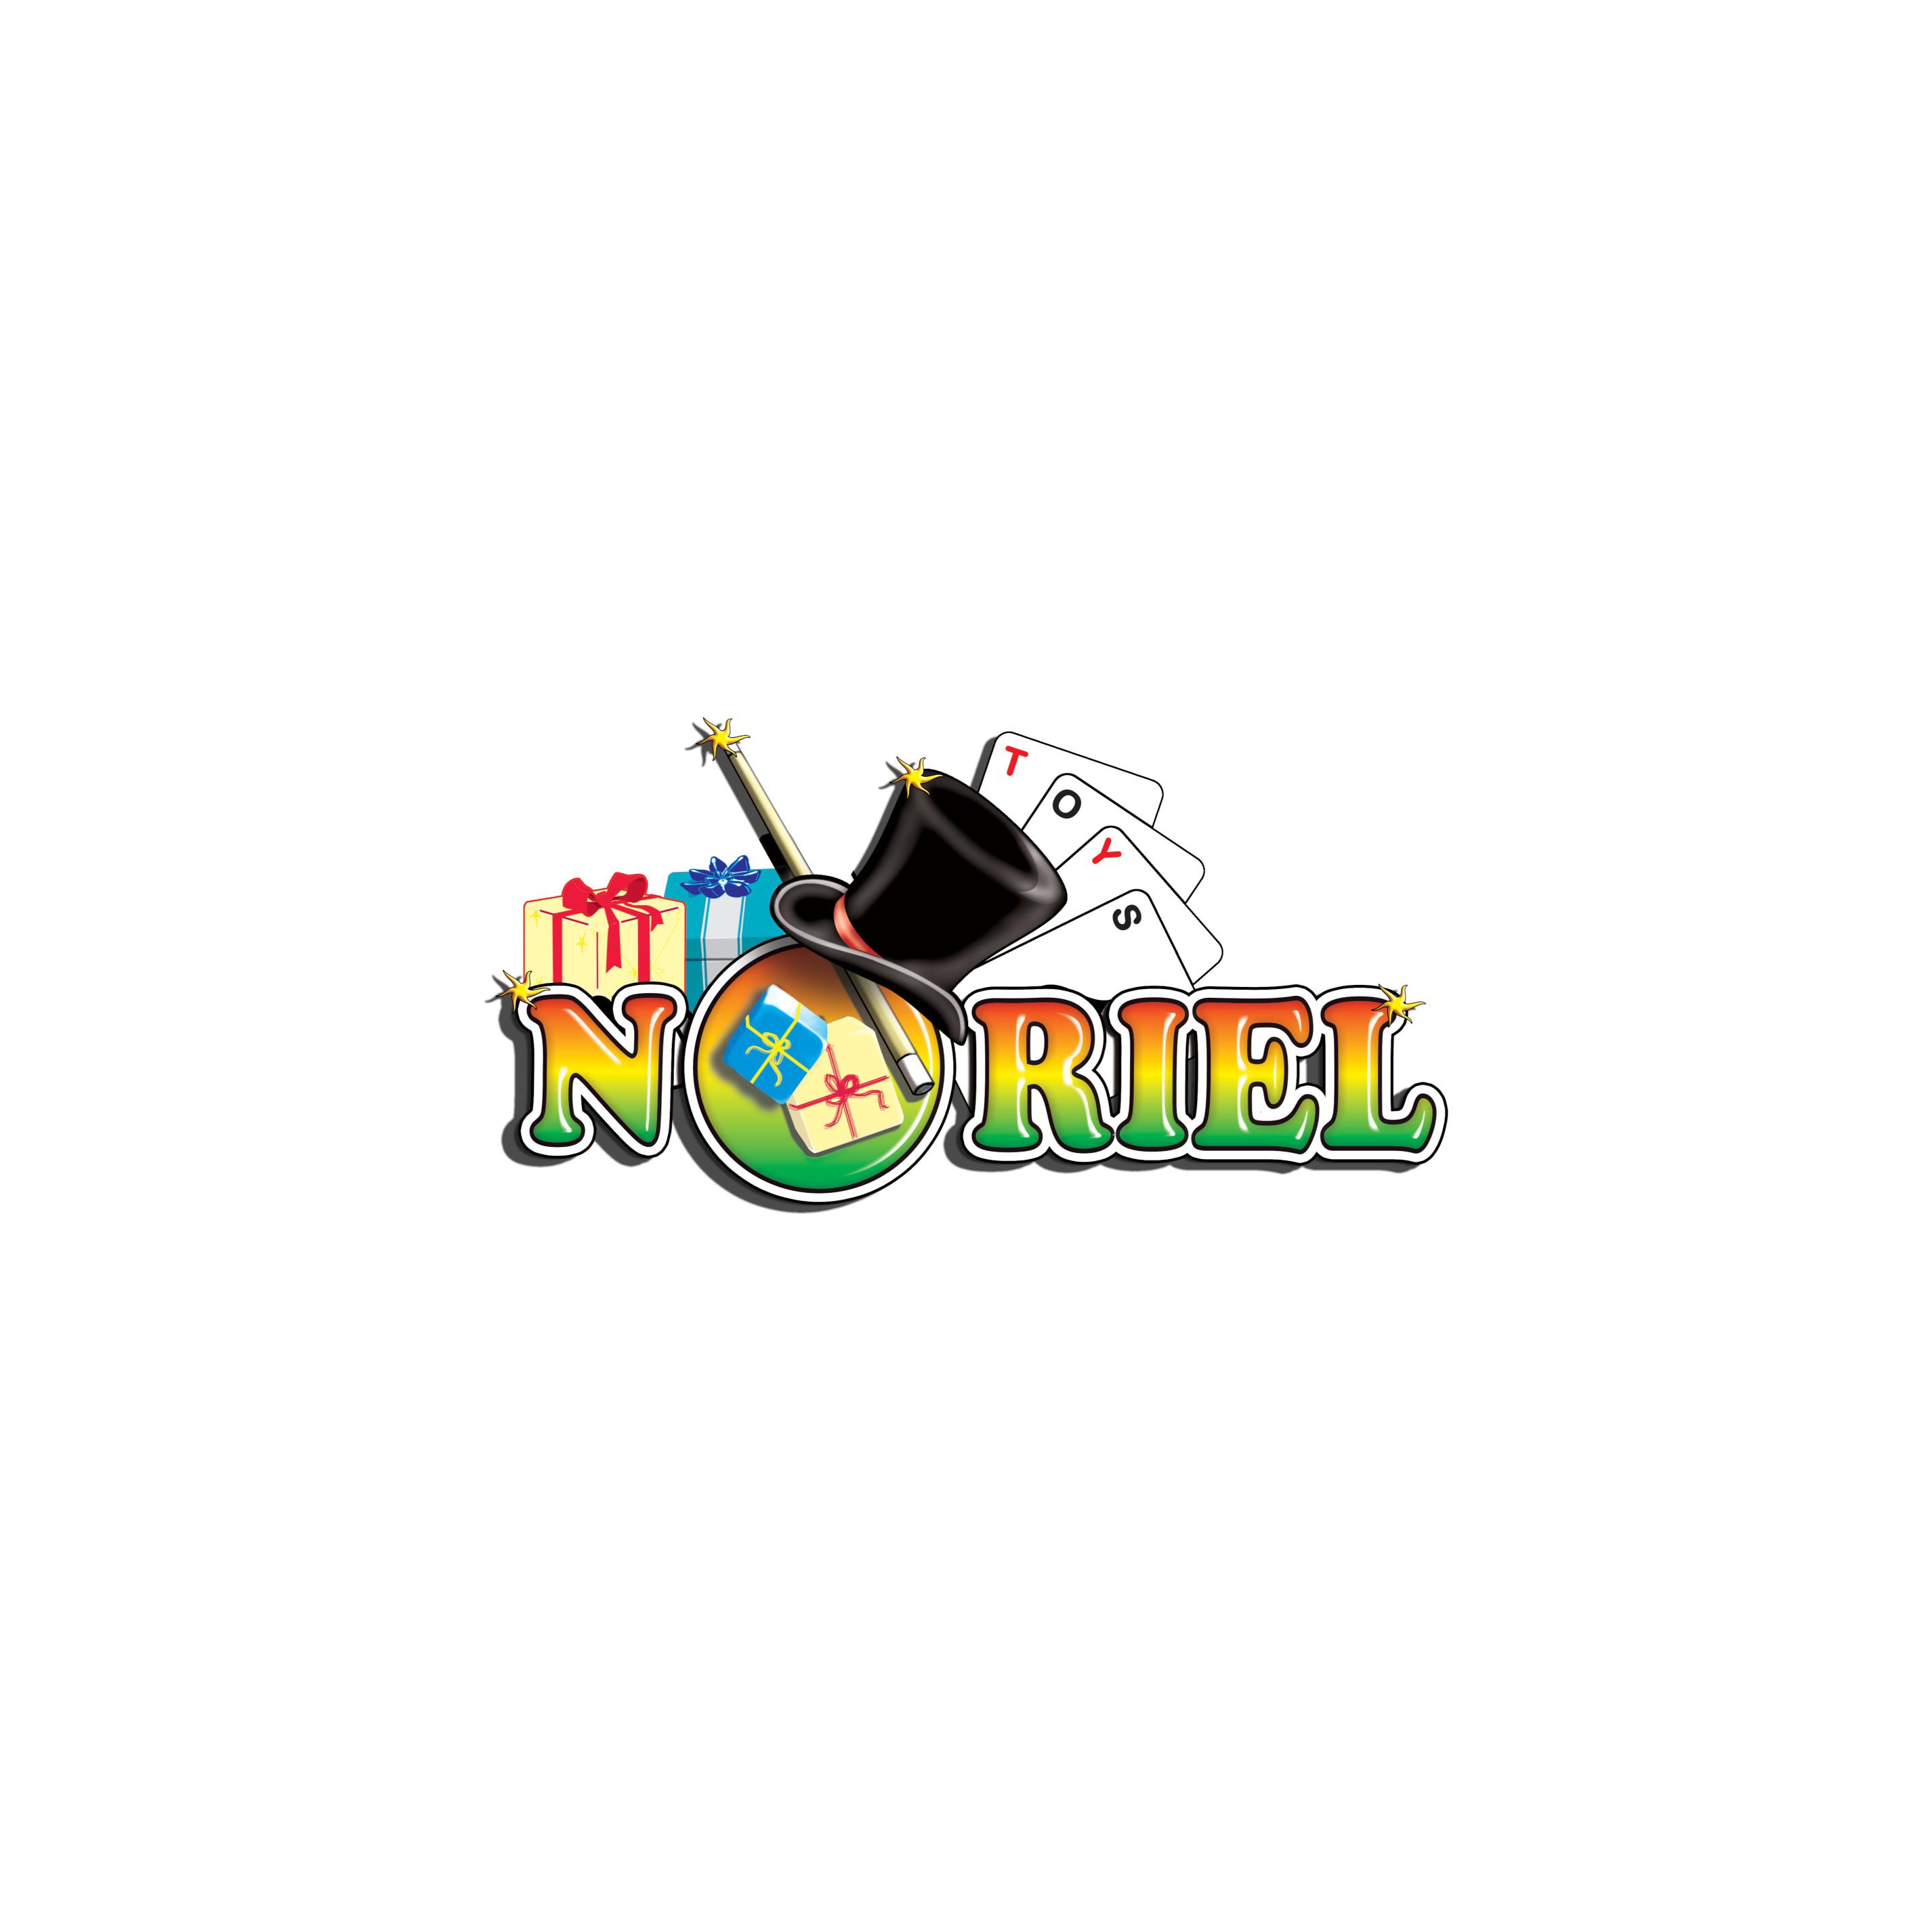 Set de creatie Cool Maker - Masina de cusut de jucarie  6037849